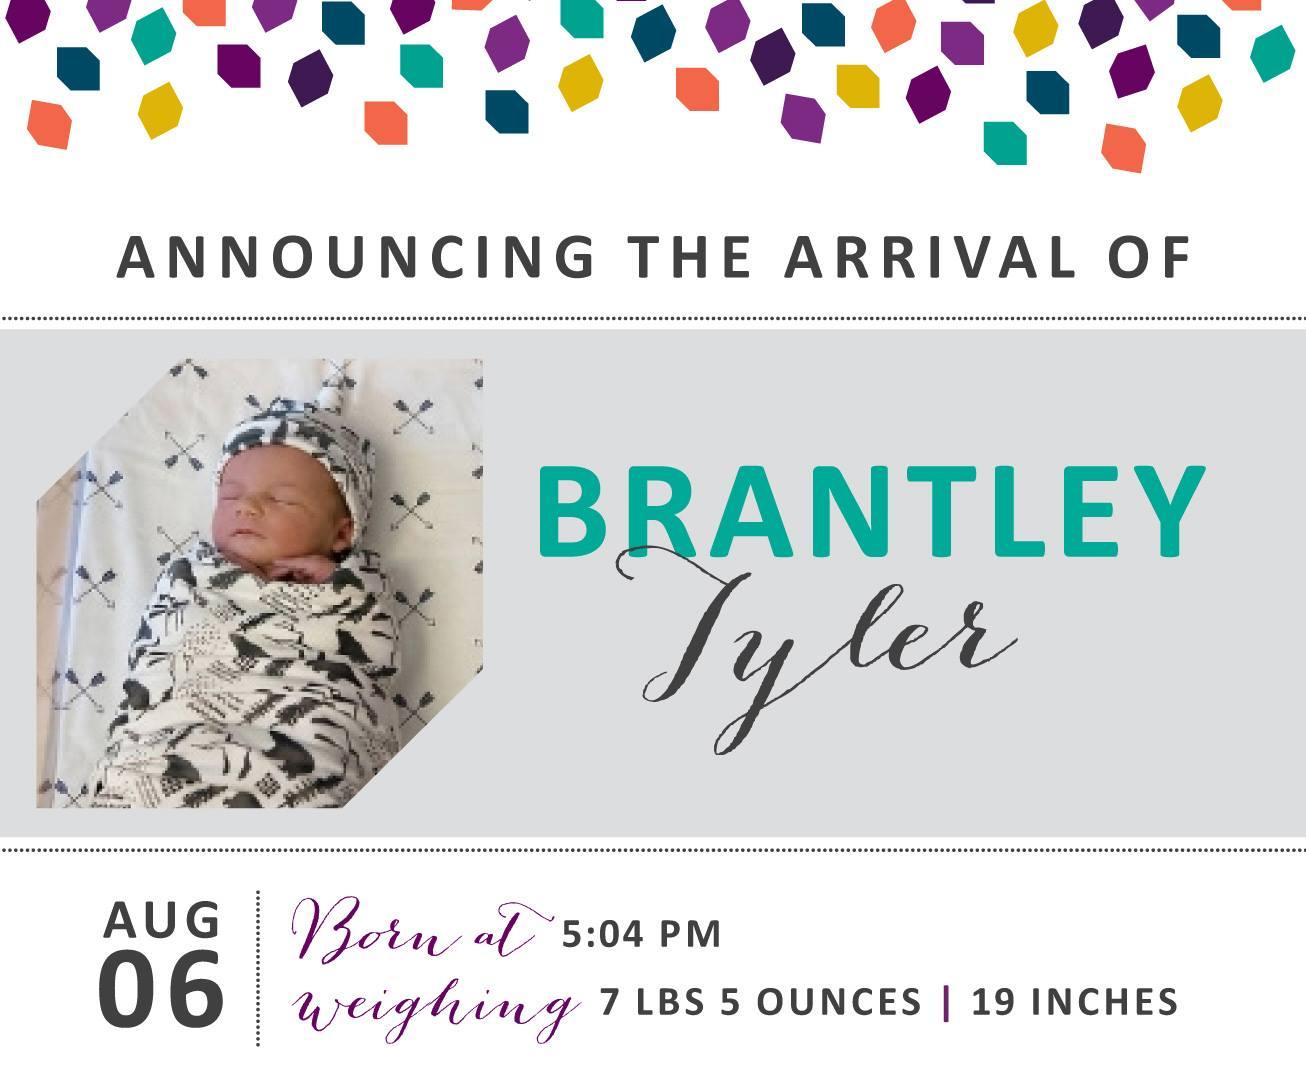 Brantley Tyler 1